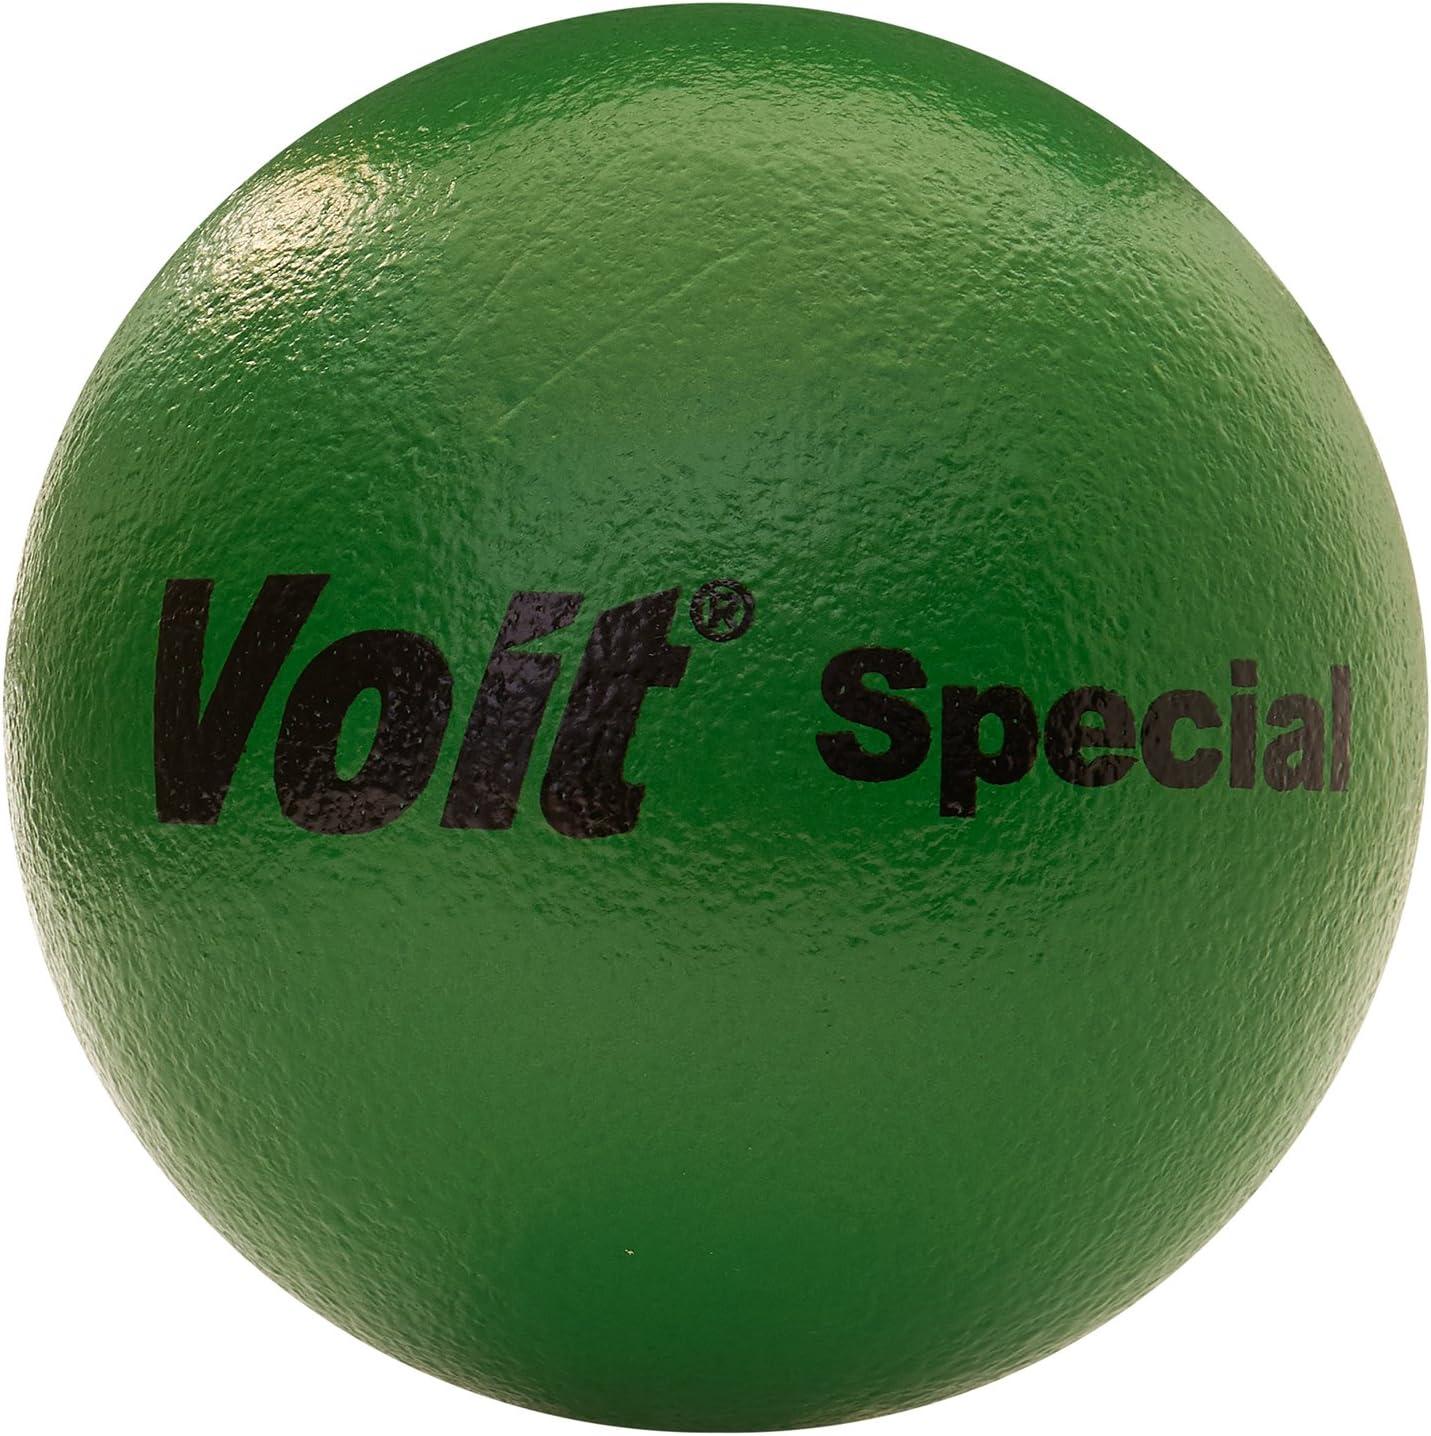 Voit 8 1/4'' ''Special'' Tuff Balls (EA)